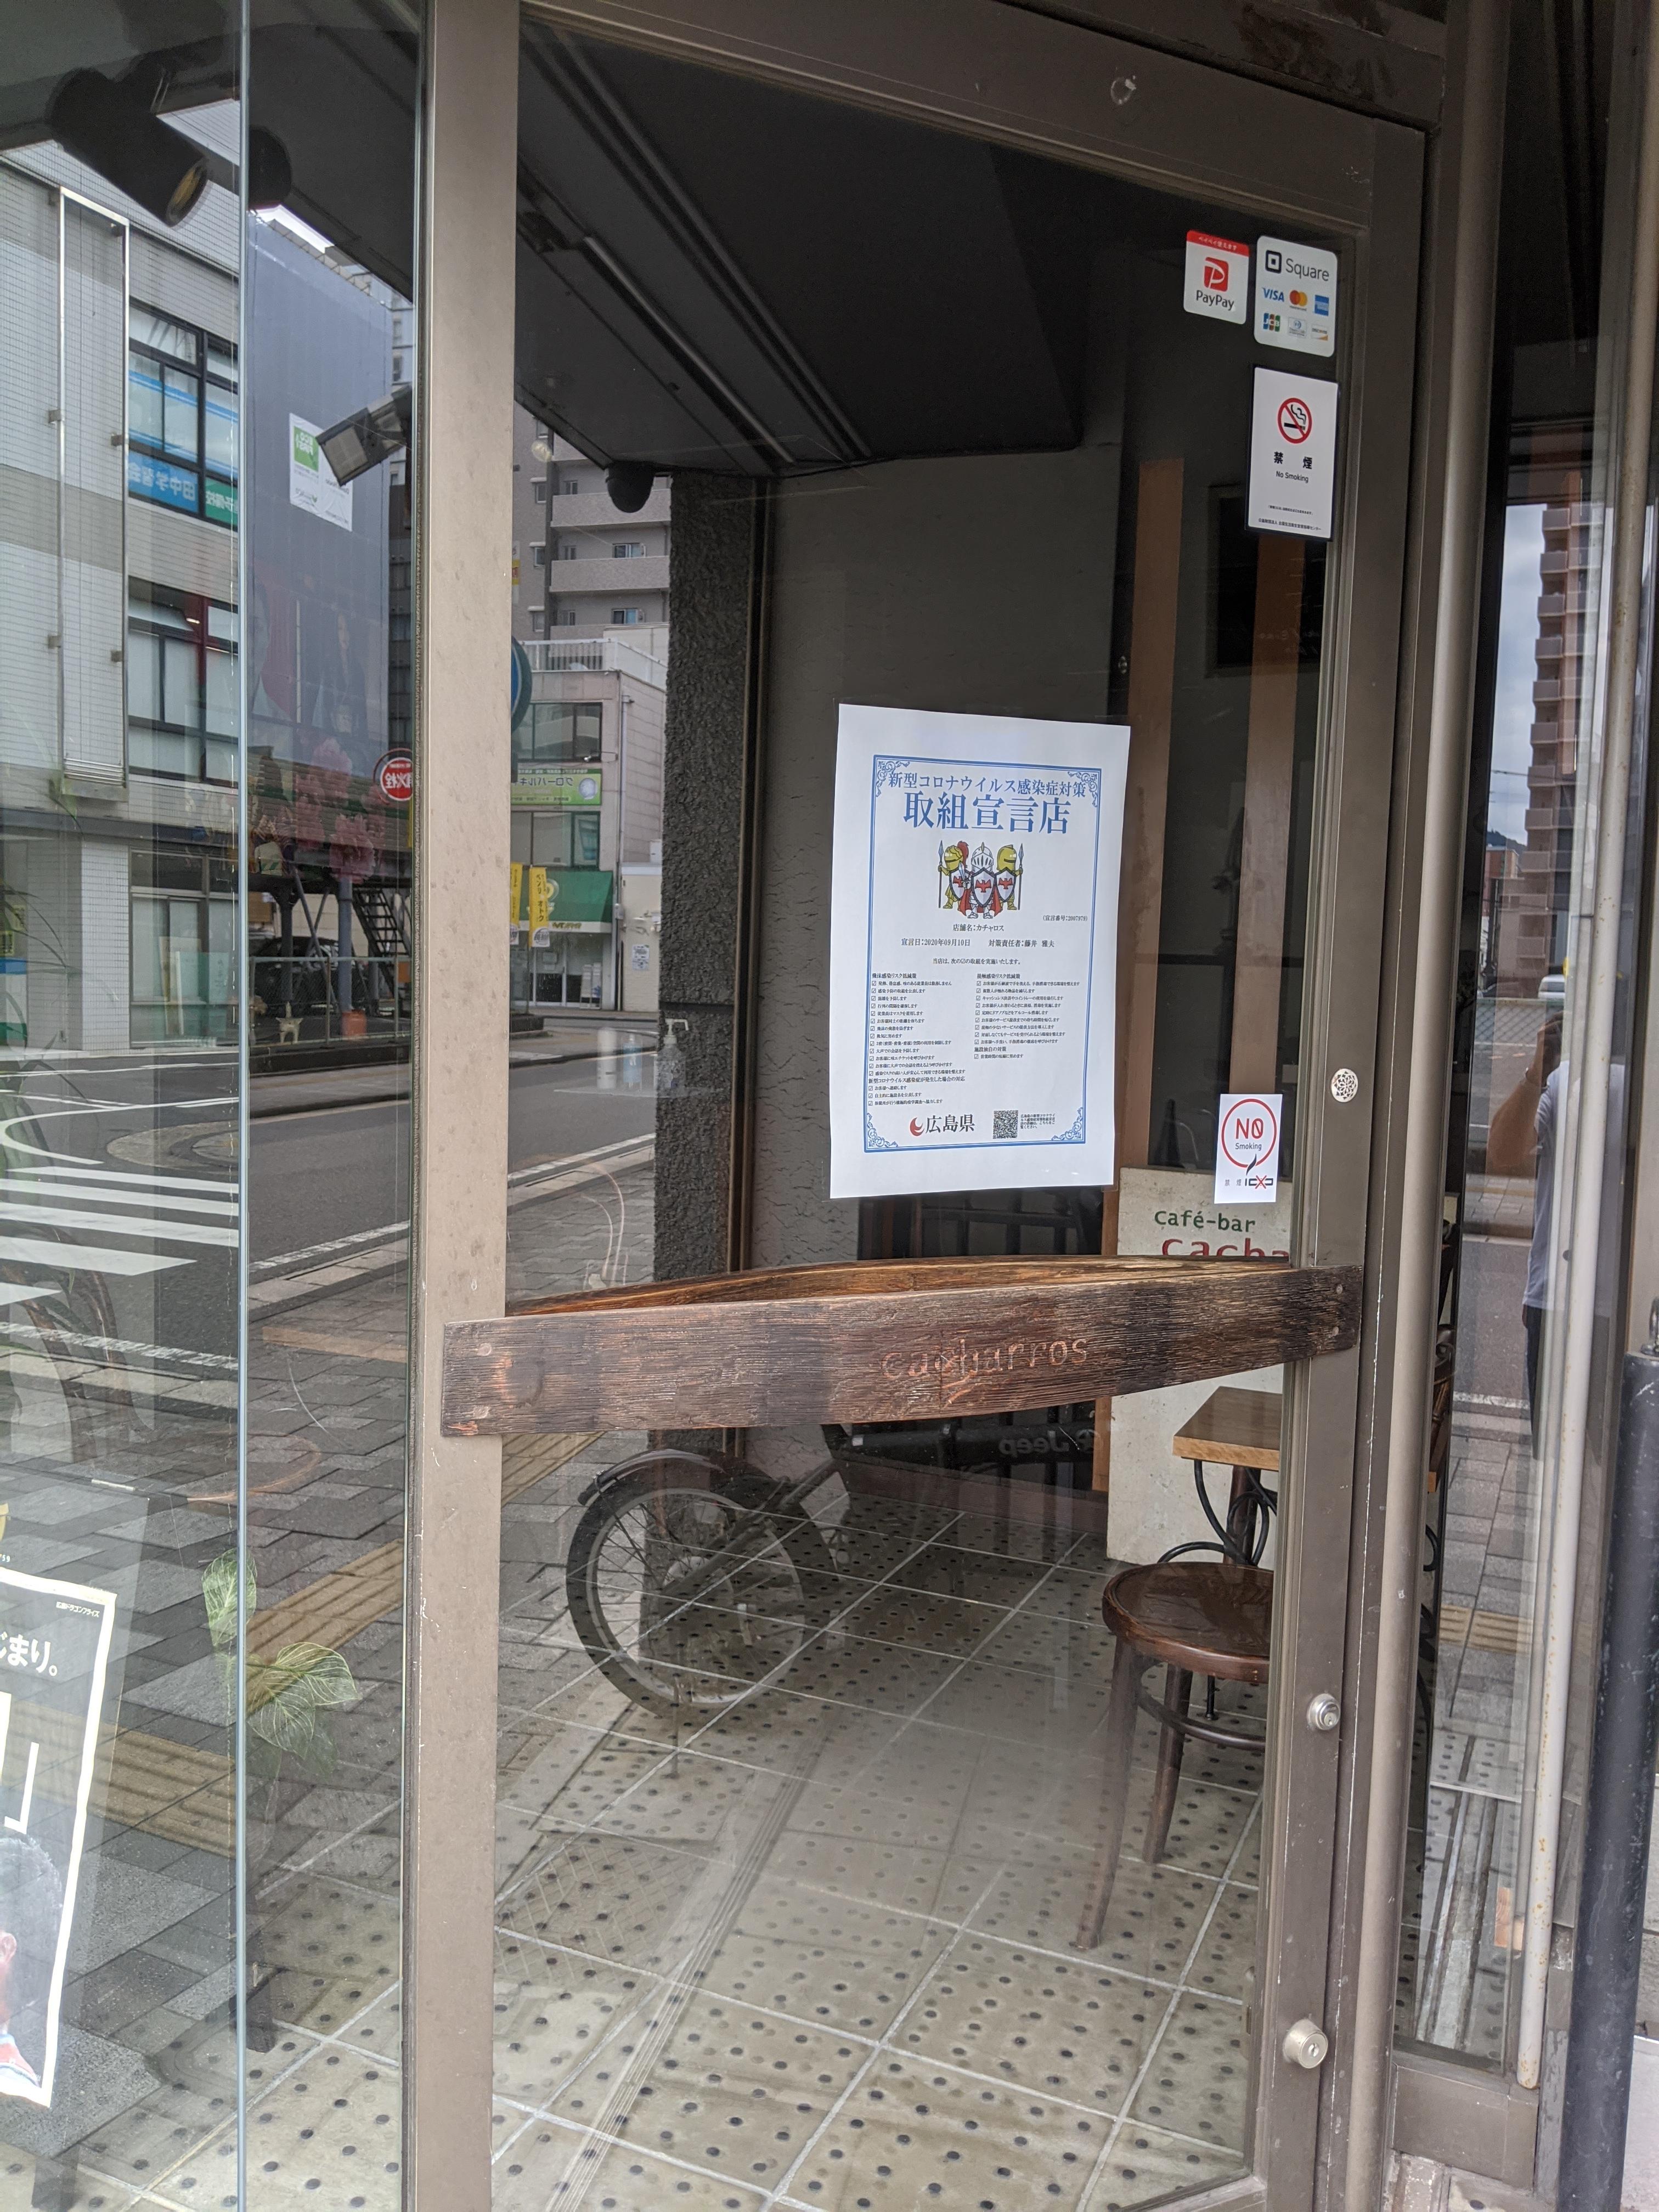 「広島県新型コロナウイルス感染症に対する安全対策シート」「新型コロナウイルス感染症対策取組宣言店」について